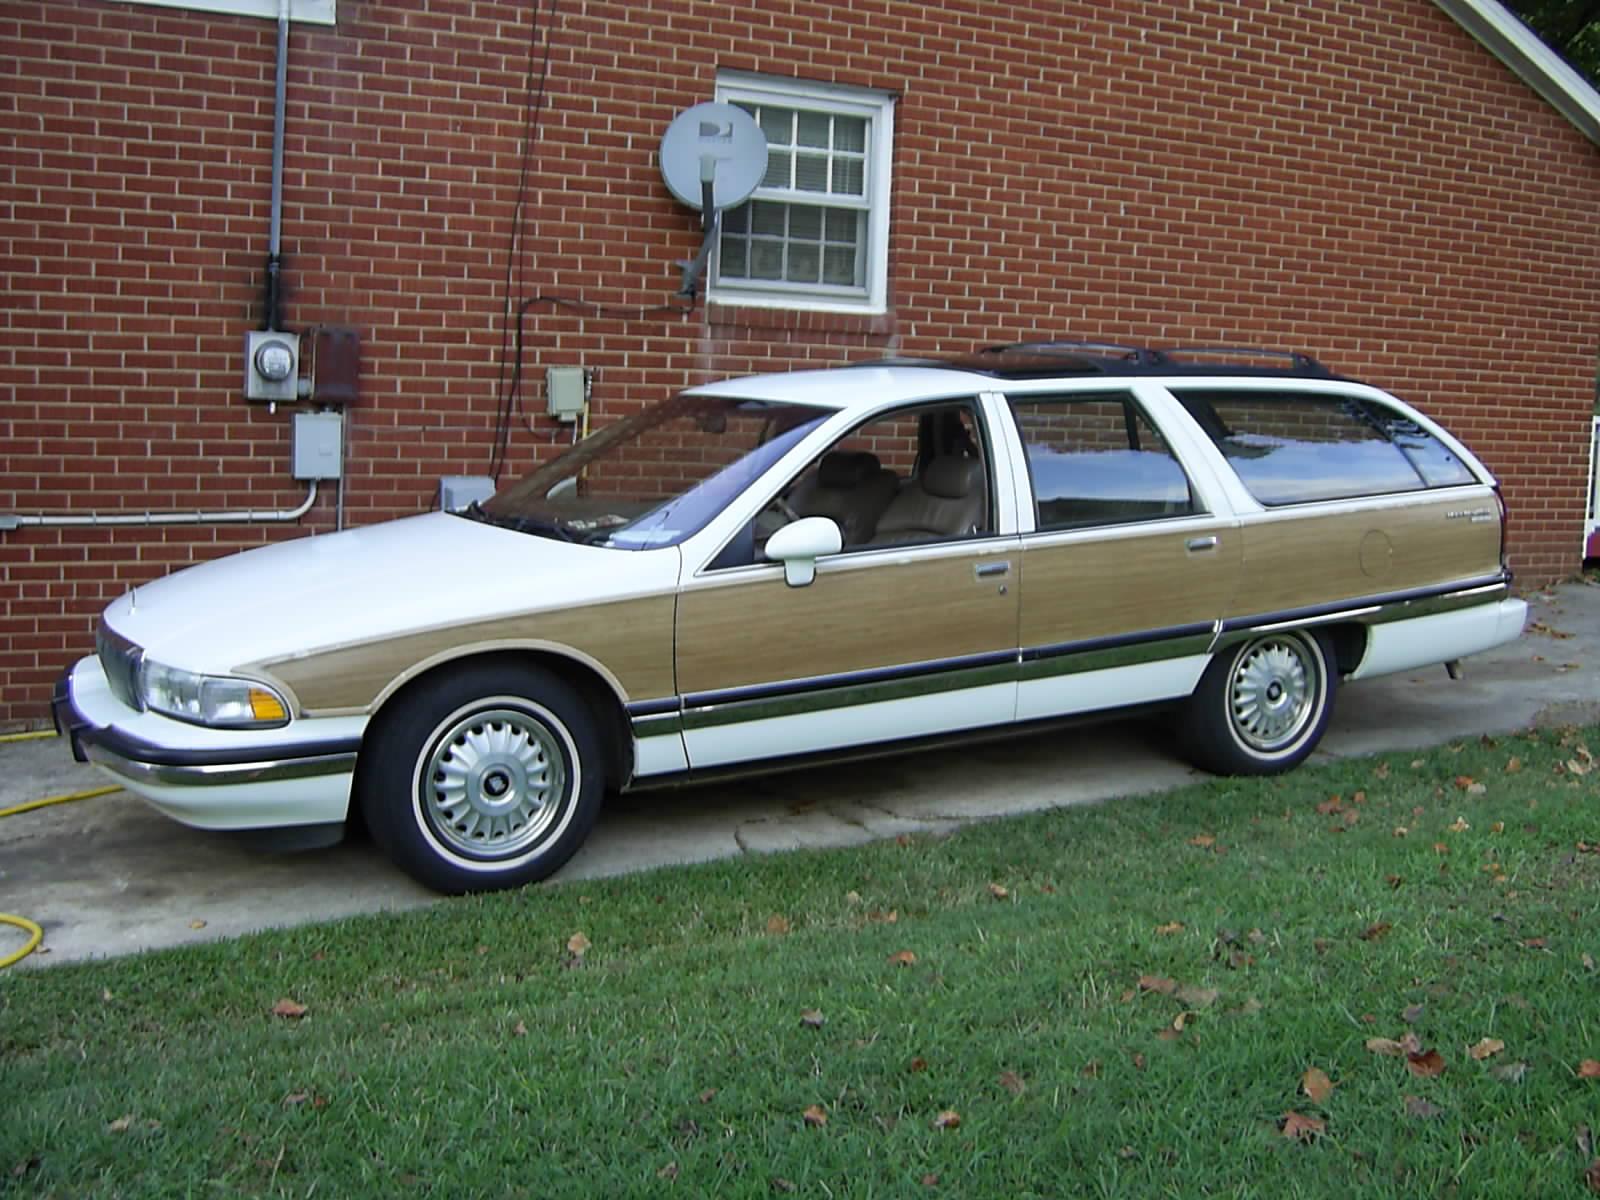 1996 Buick Roadmaster - User Reviews - CarGurus